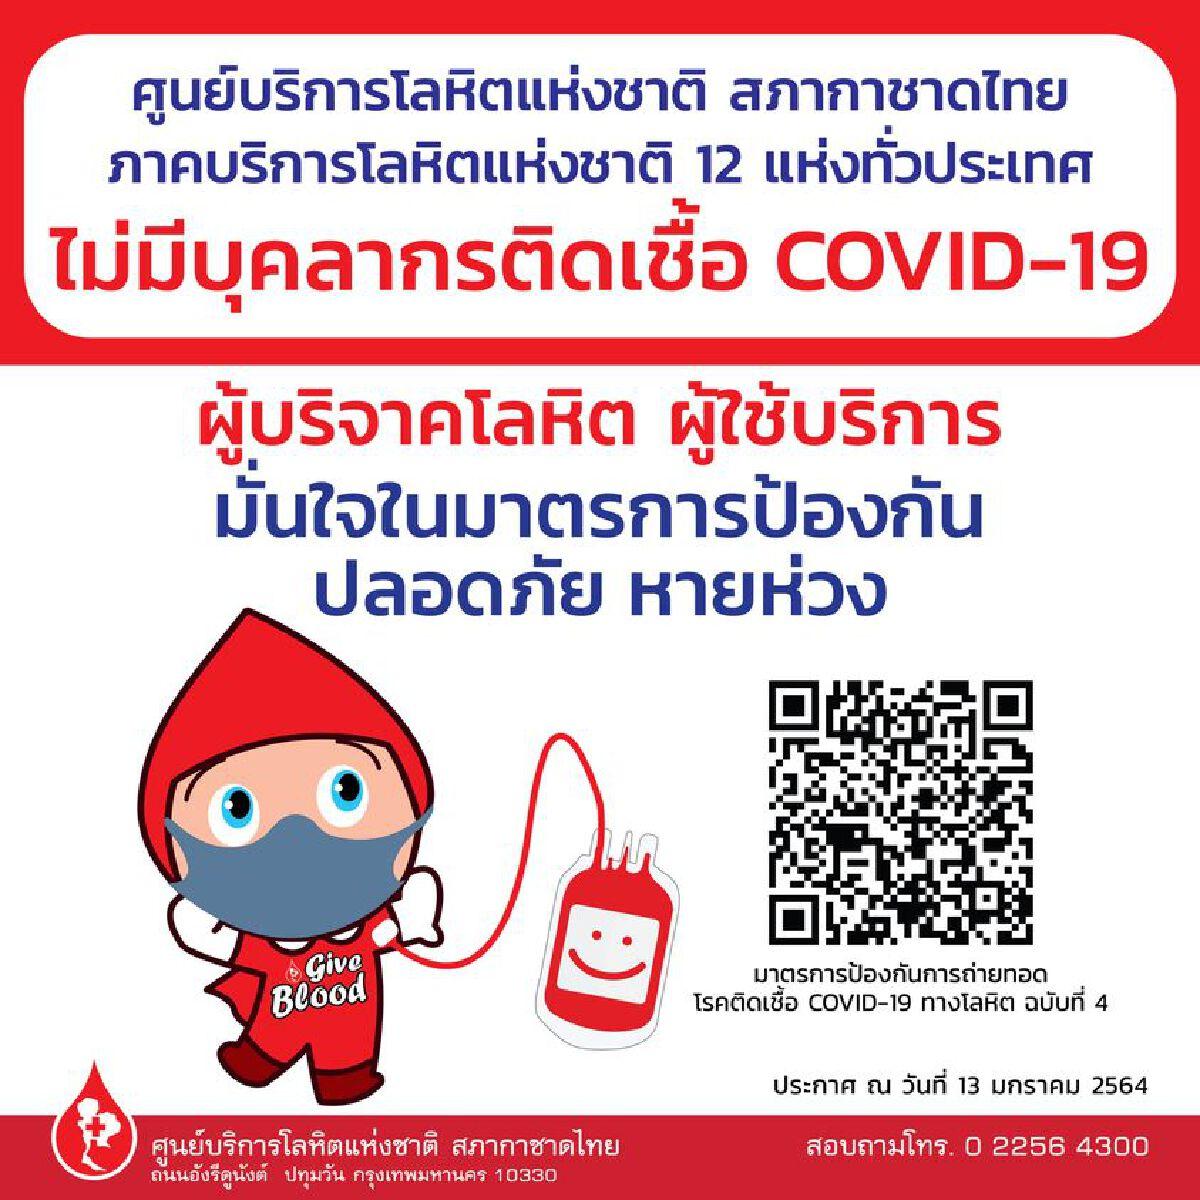 ศูนย์บริการโลหิตแห่งชาติ สภากาชาดไทย ยืนยัน ไม่มีบุคลากรติดเชื้อโควิด